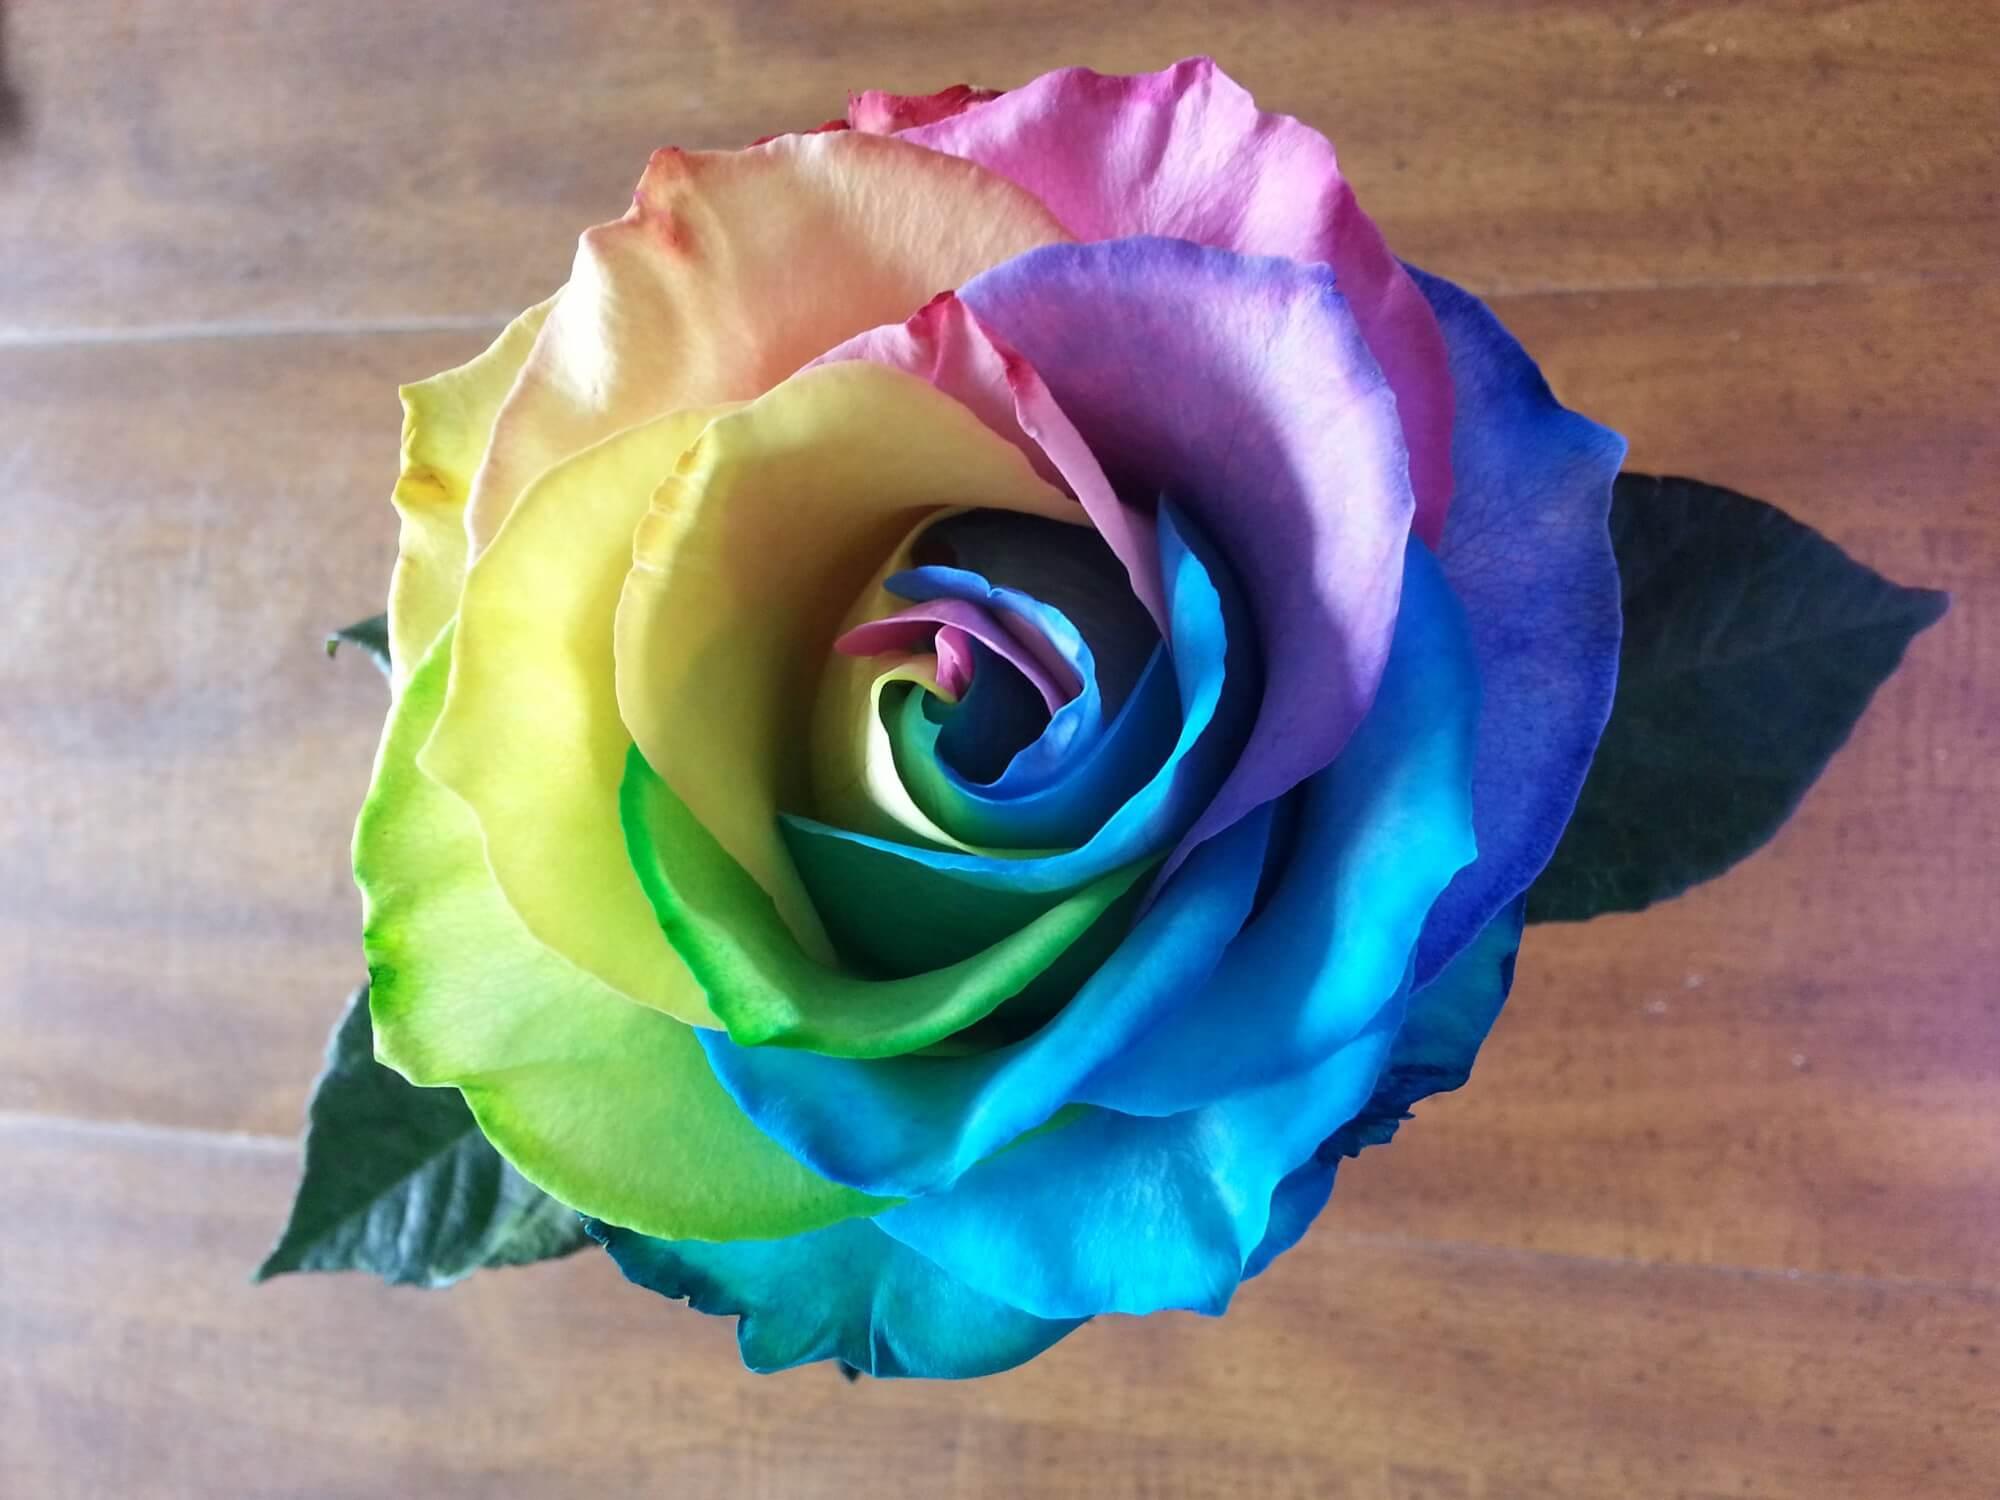 Удивительные картинки с розами, интересная сборка 27 фото 20